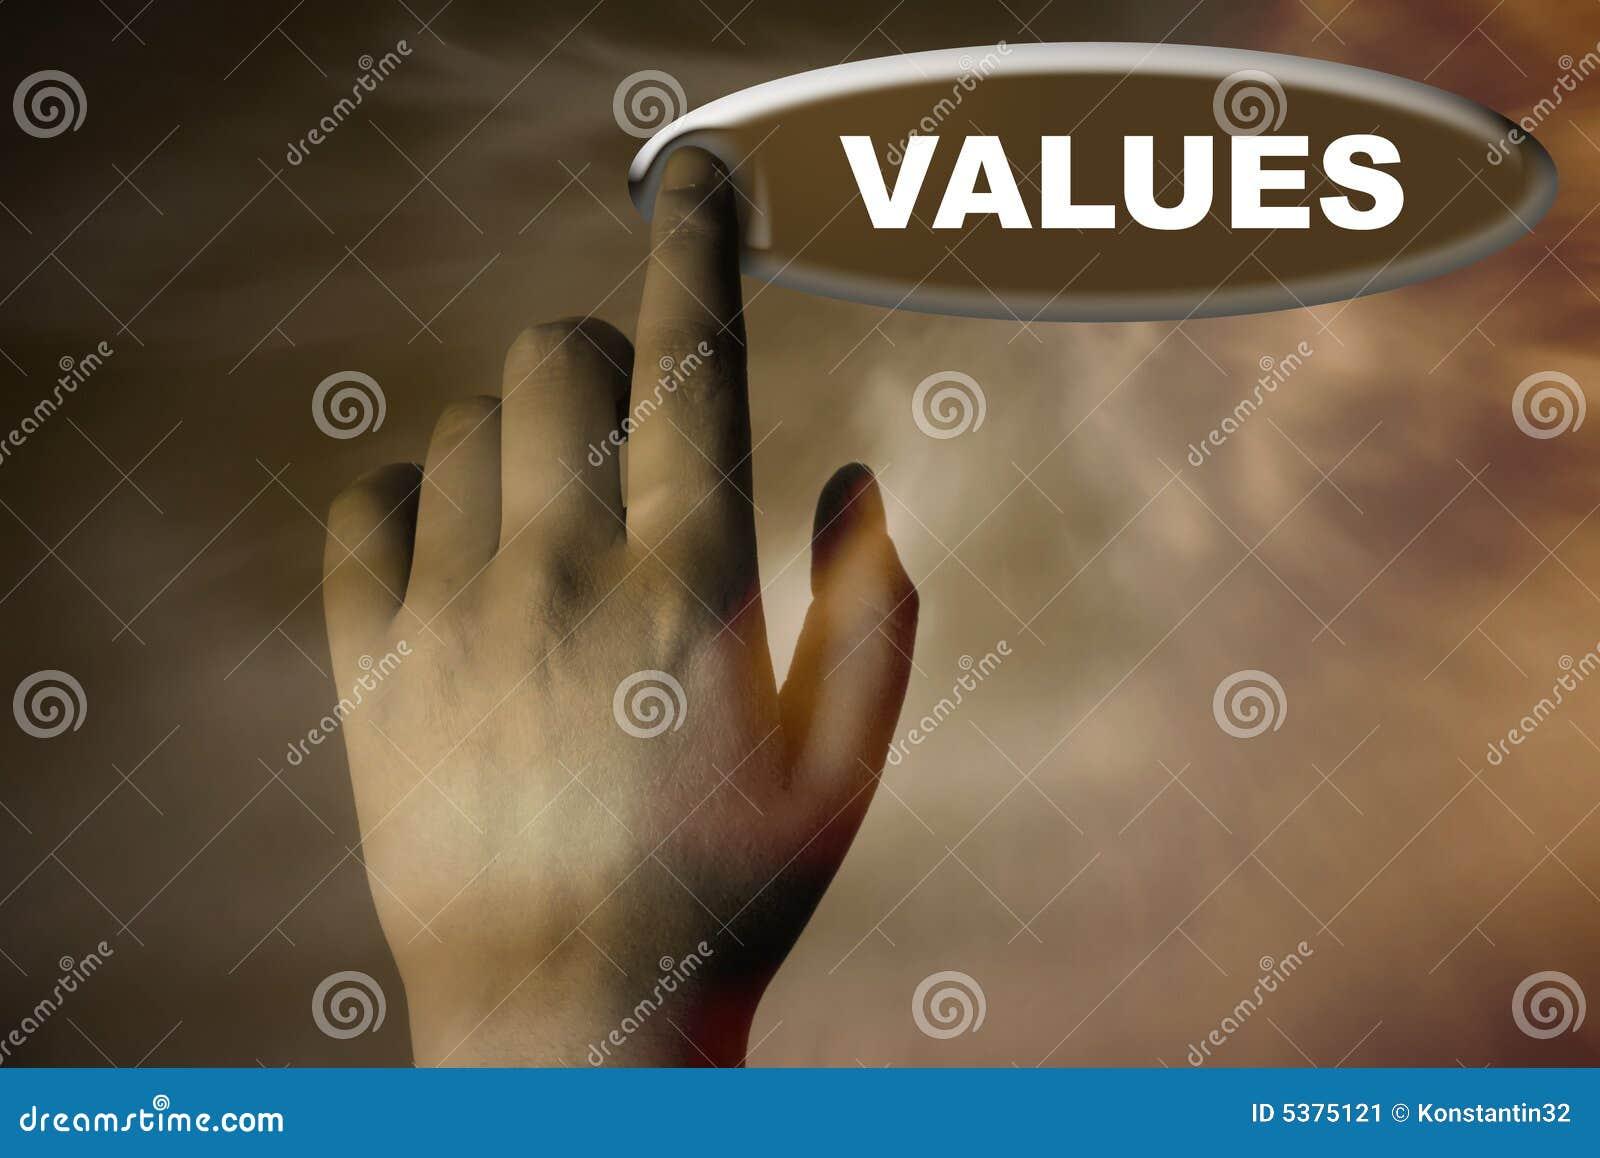 Knapphanden values ord